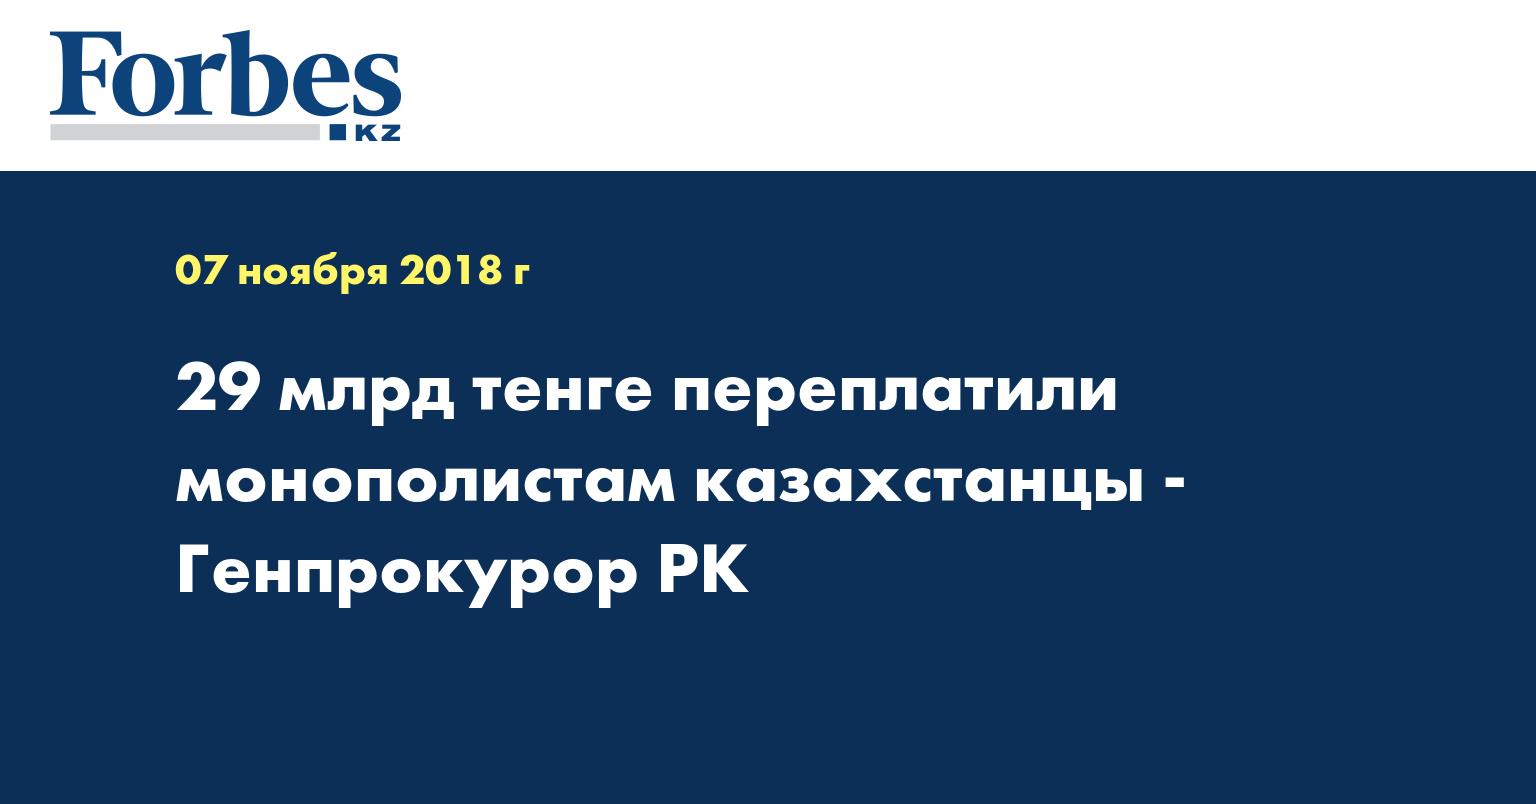 29 млрд тенге переплатили монополистам казахстанцы - Генпрокурор РК